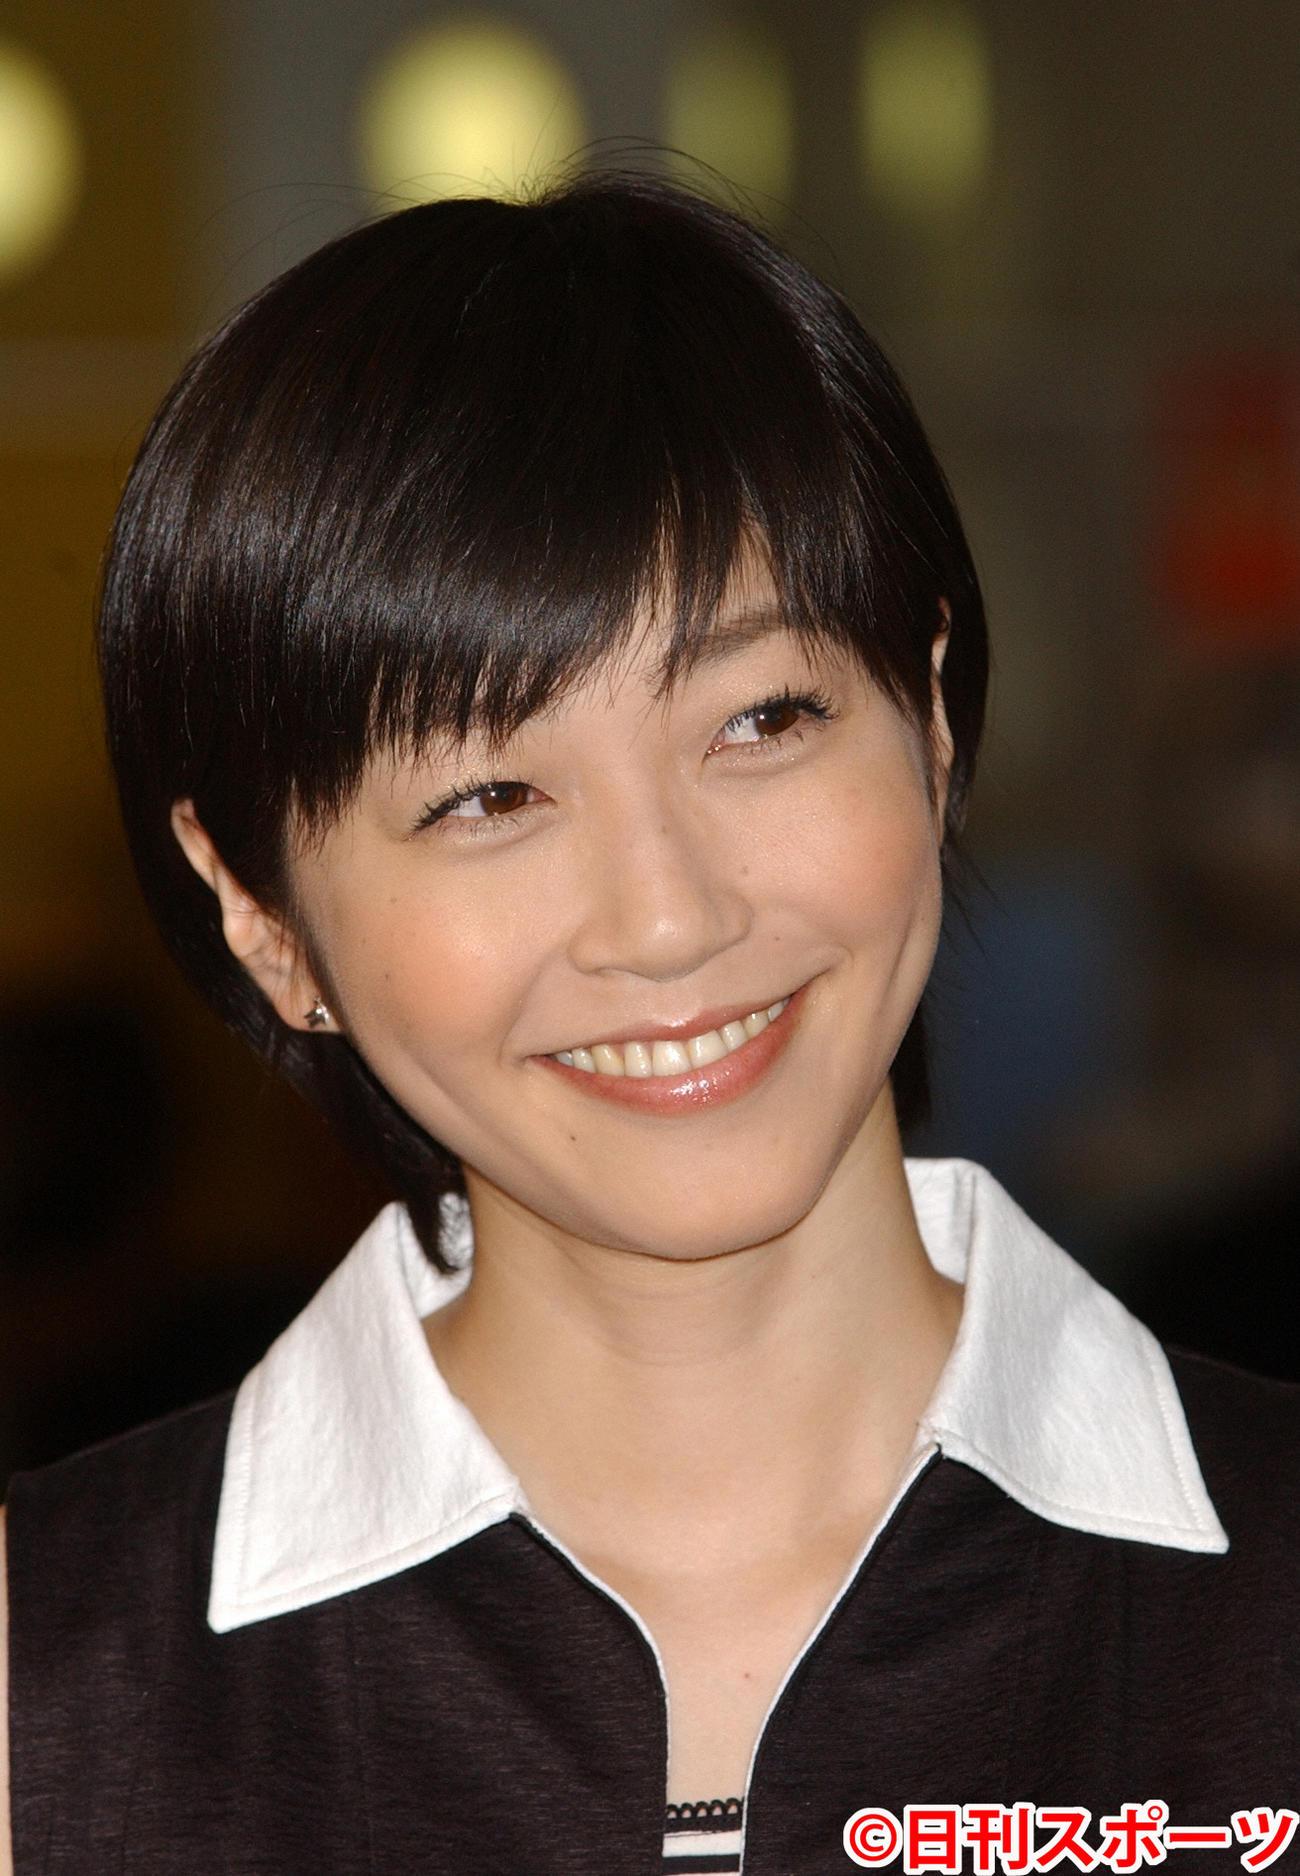 元TBS久保田智子アナが復職&昨年母になった報告 - 芸能 : 日刊スポーツ